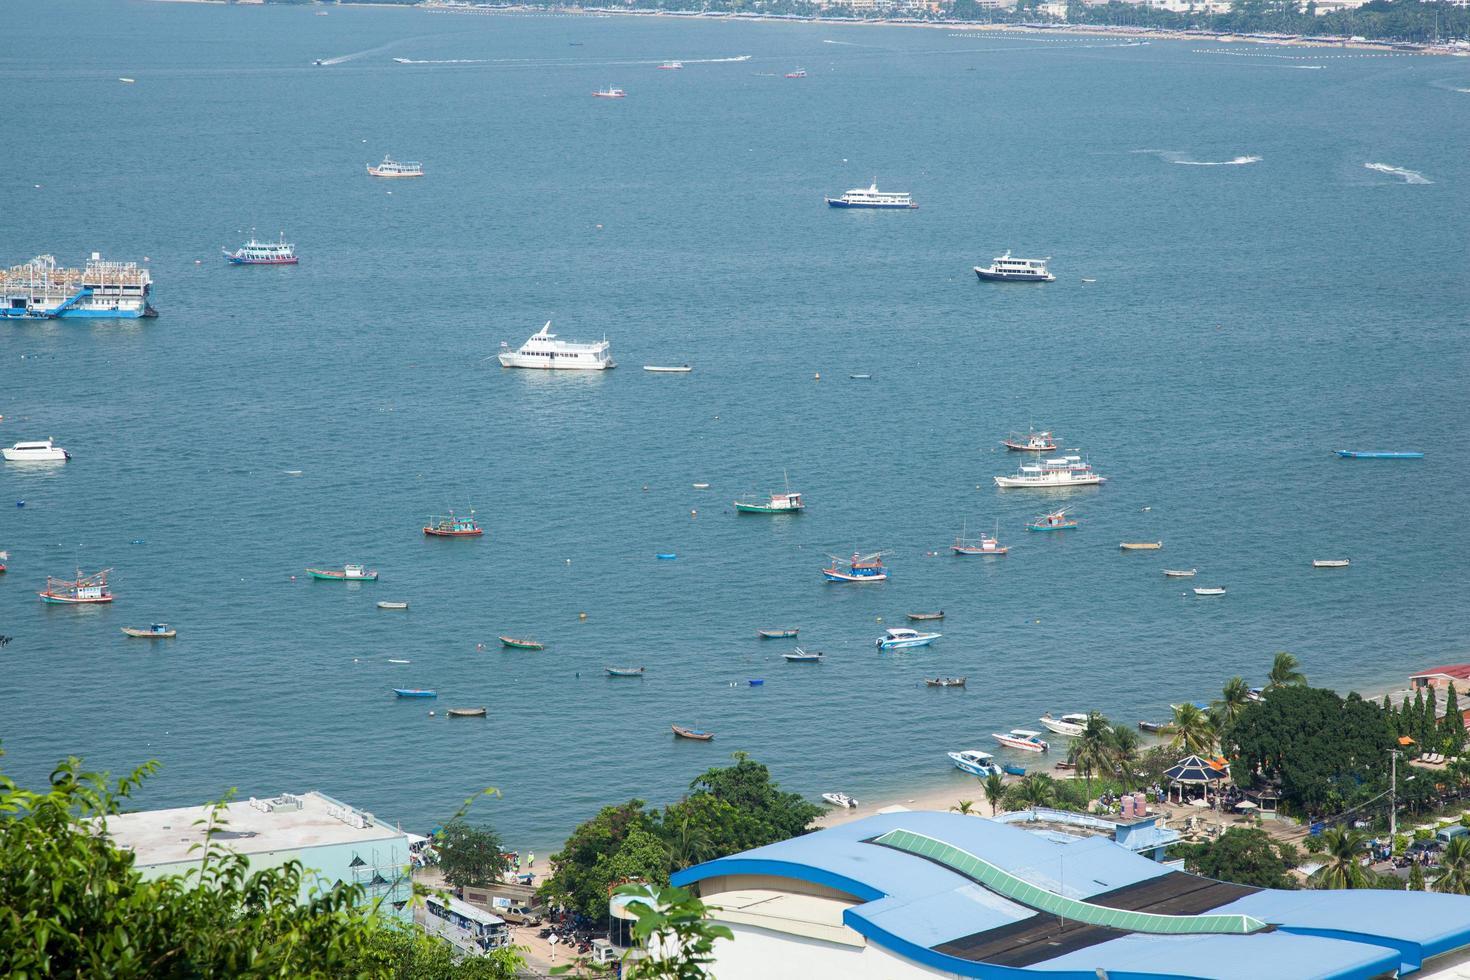 Boote entlang der Küste foto